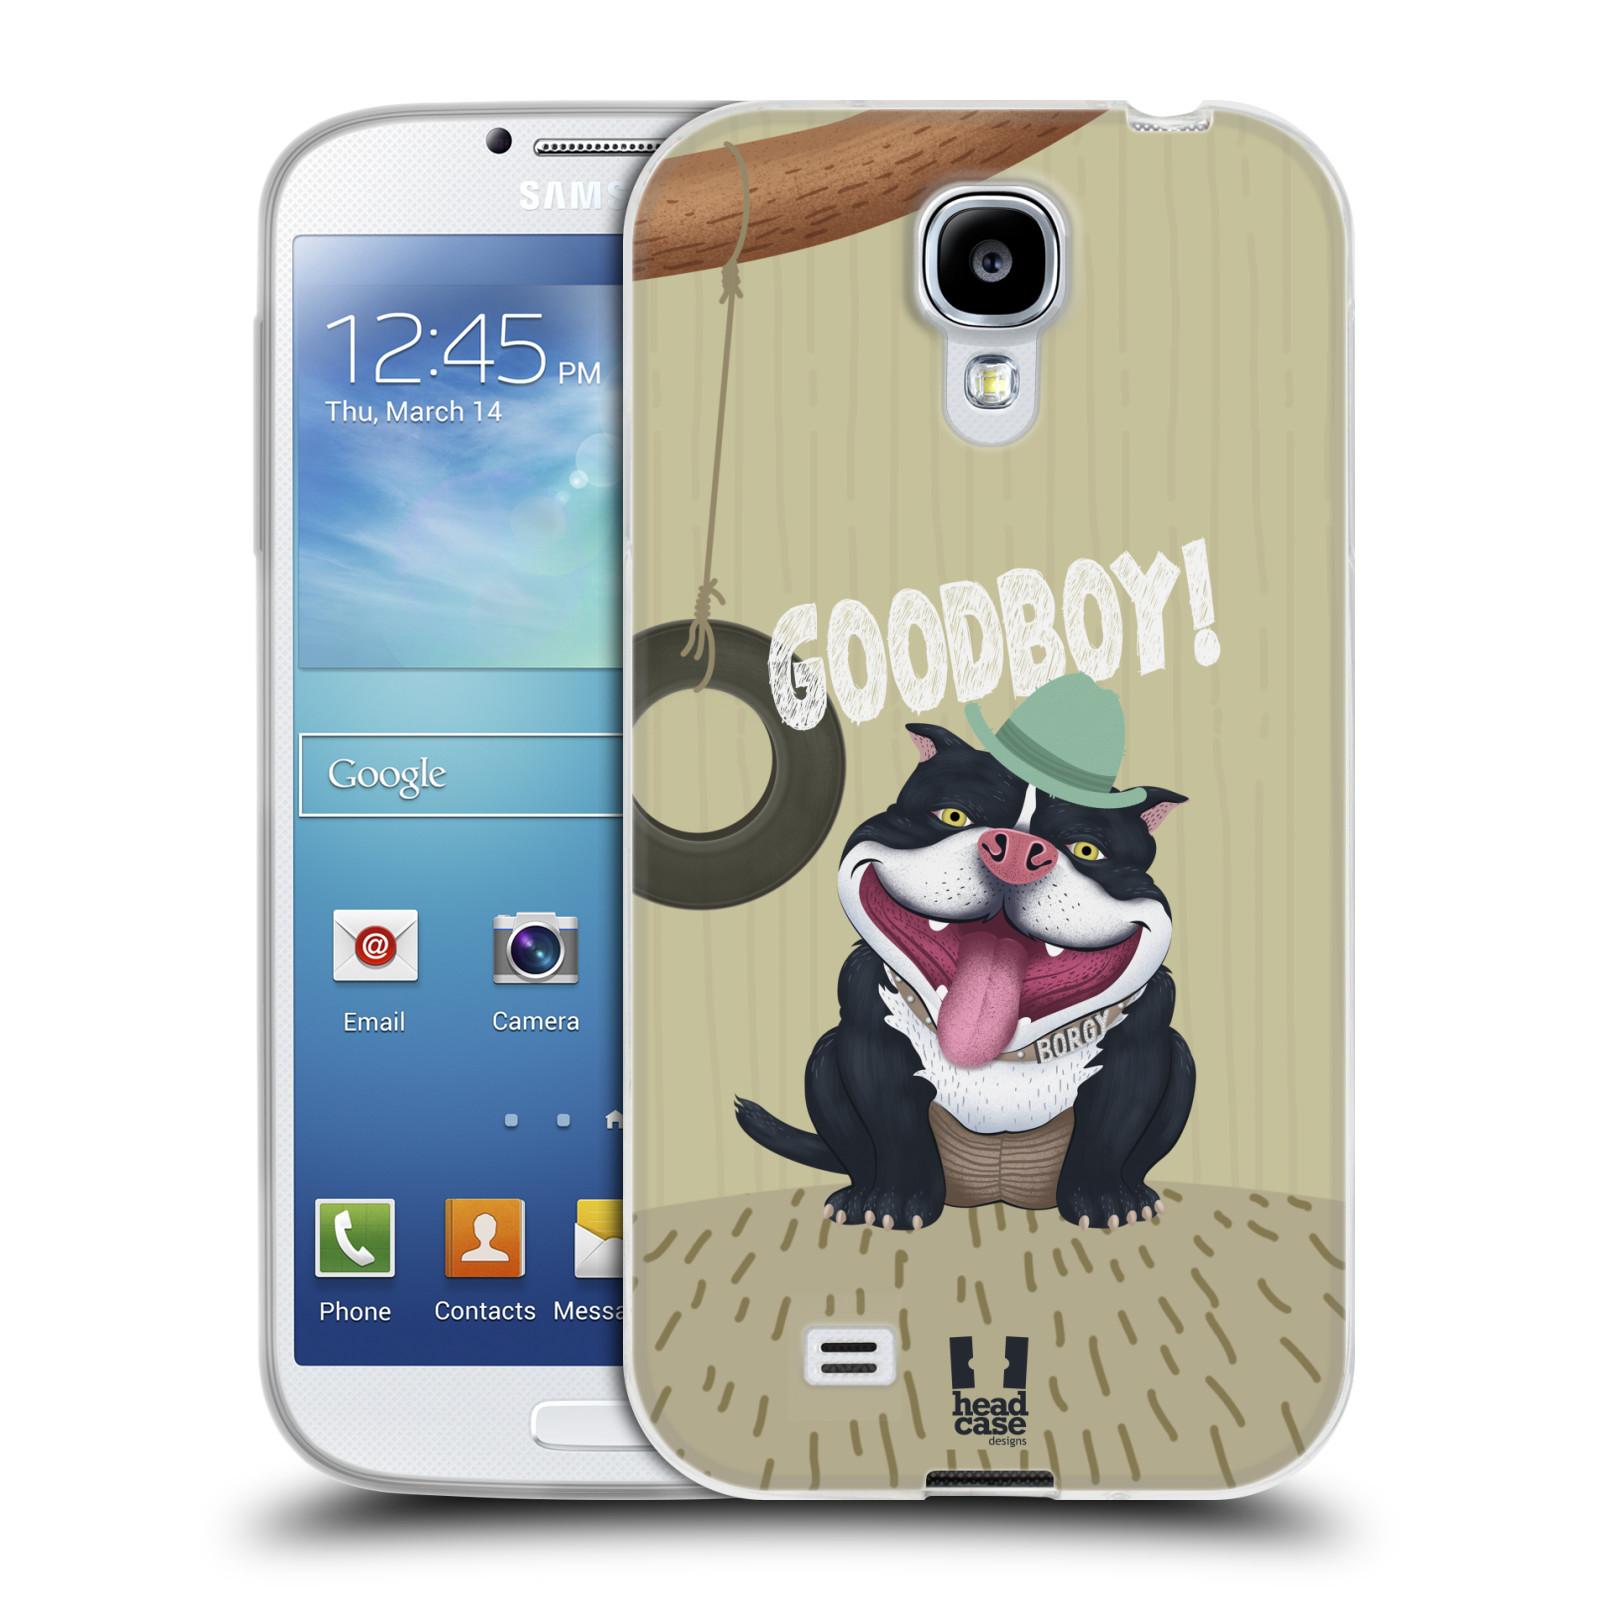 Silikonové pouzdro na mobil Samsung Galaxy S4 HEAD CASE Goodboy! Pejsek (Silikonový kryt či obal na mobilní telefon Samsung Galaxy S4 GT-i9505 / i9500)